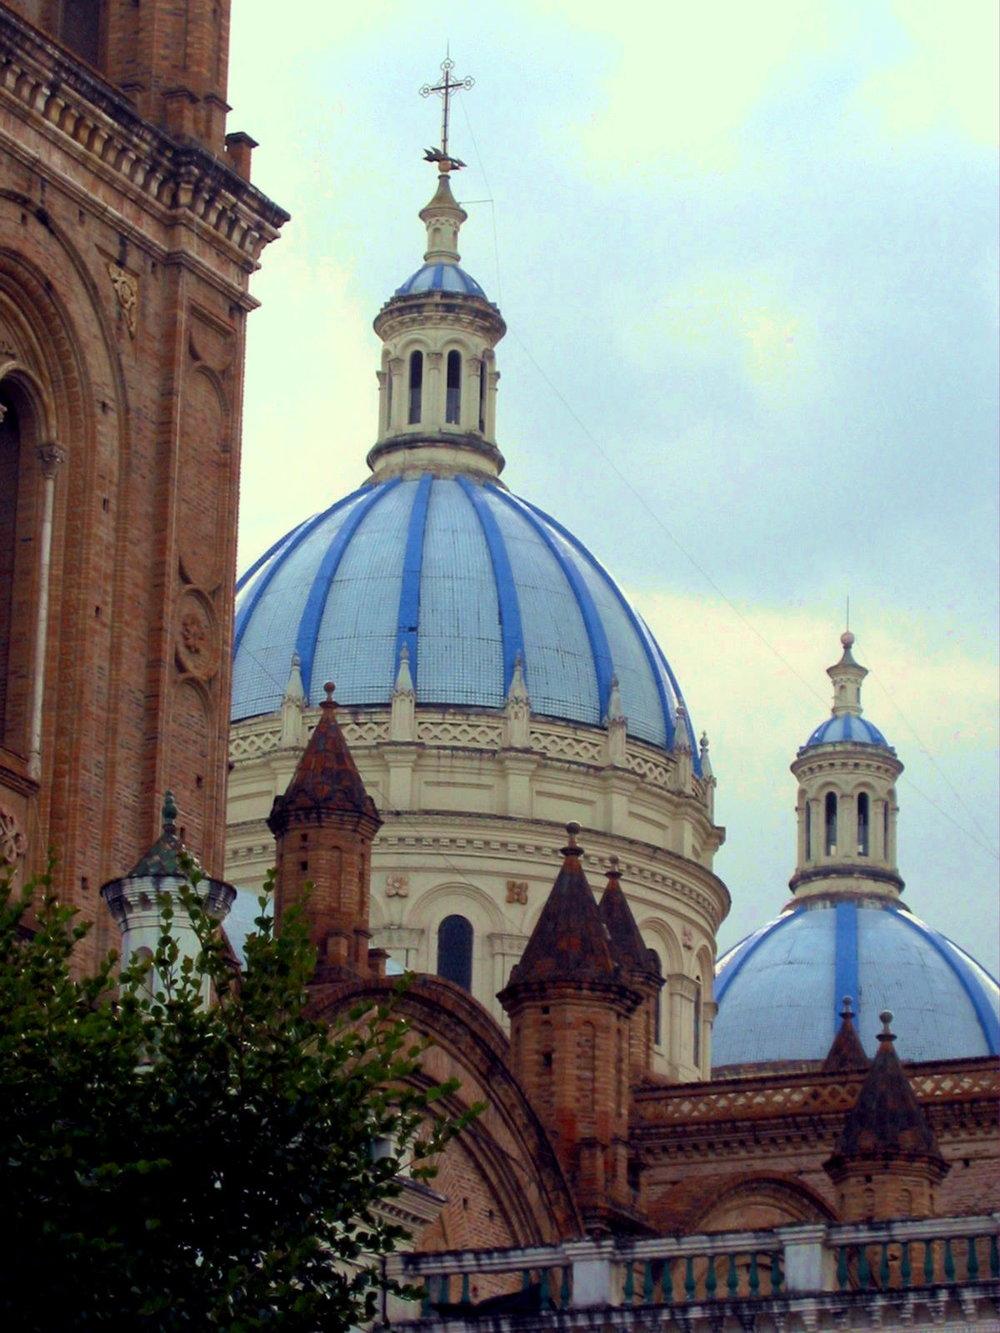 Cathedral domes in Cuenca, Ecuador